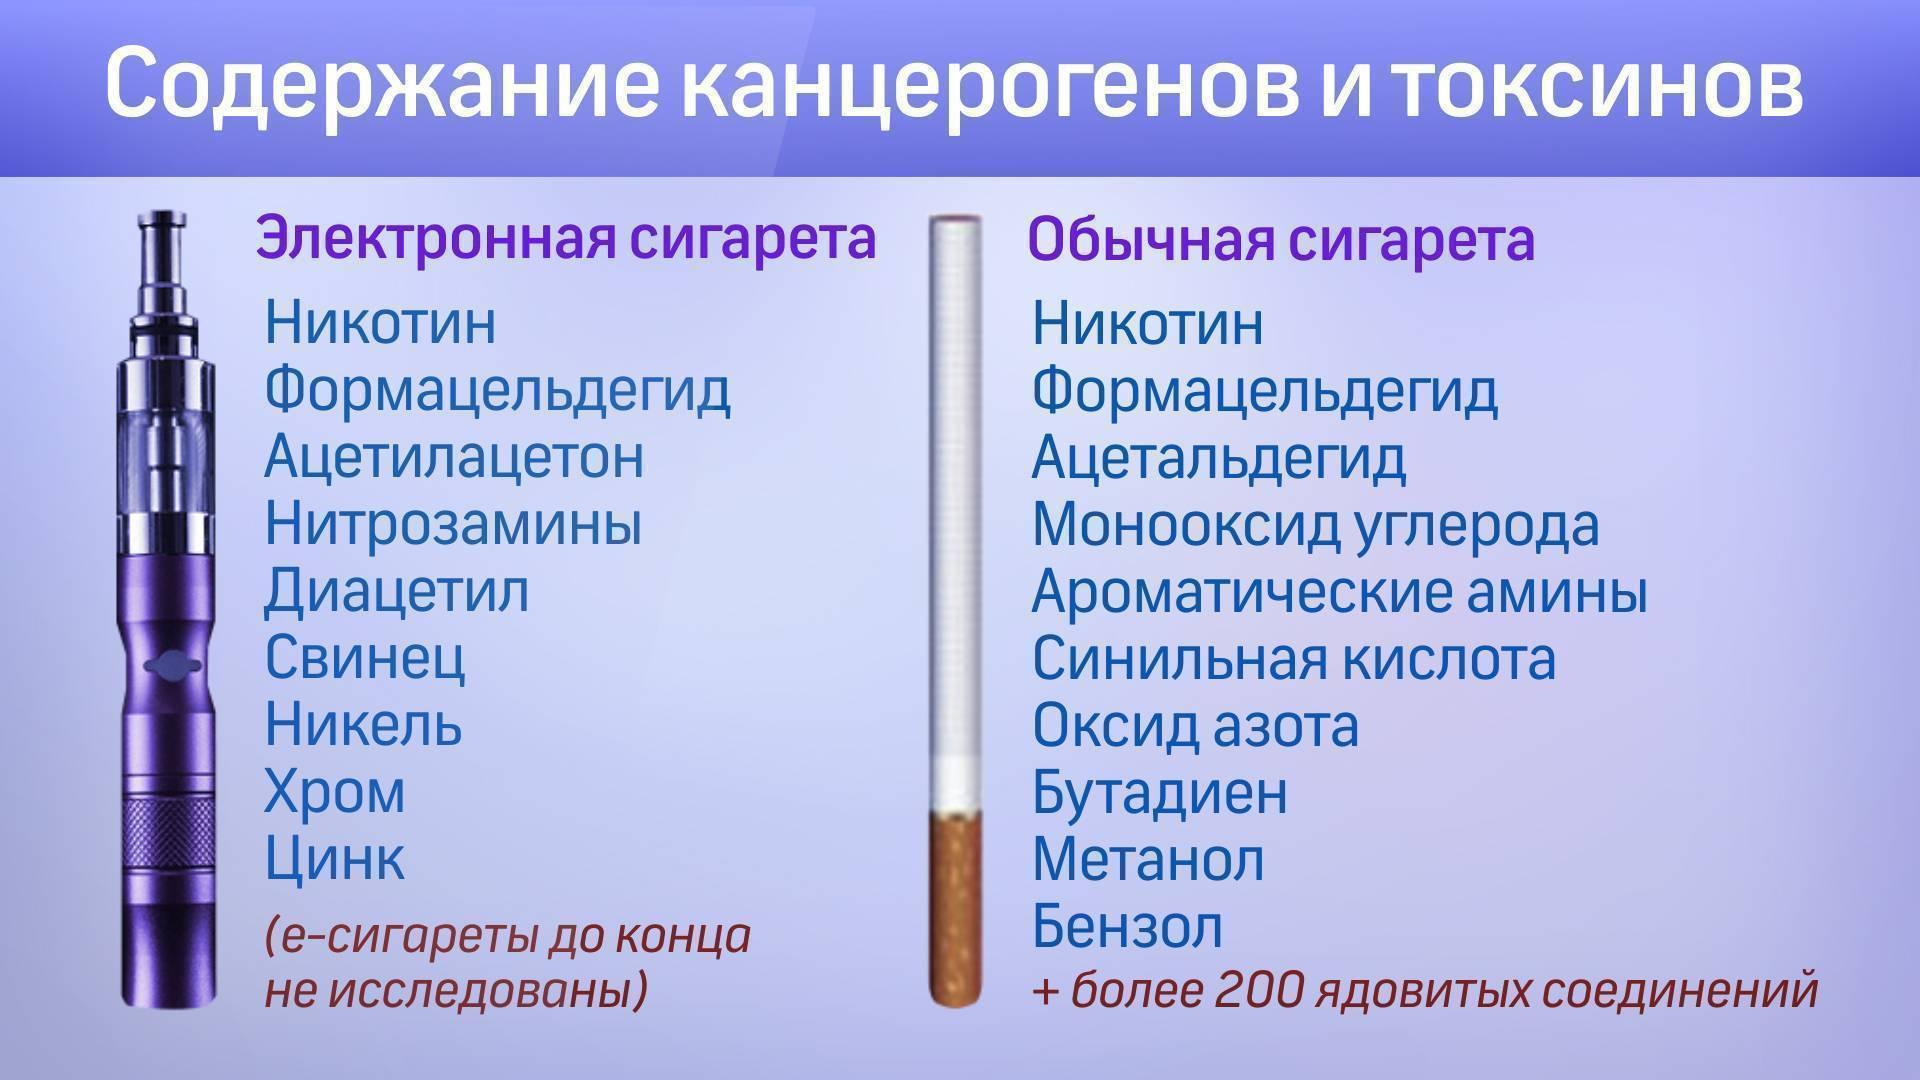 Что вреднее кальян или сигареты - готовый ответ. 3 бонуса в конце